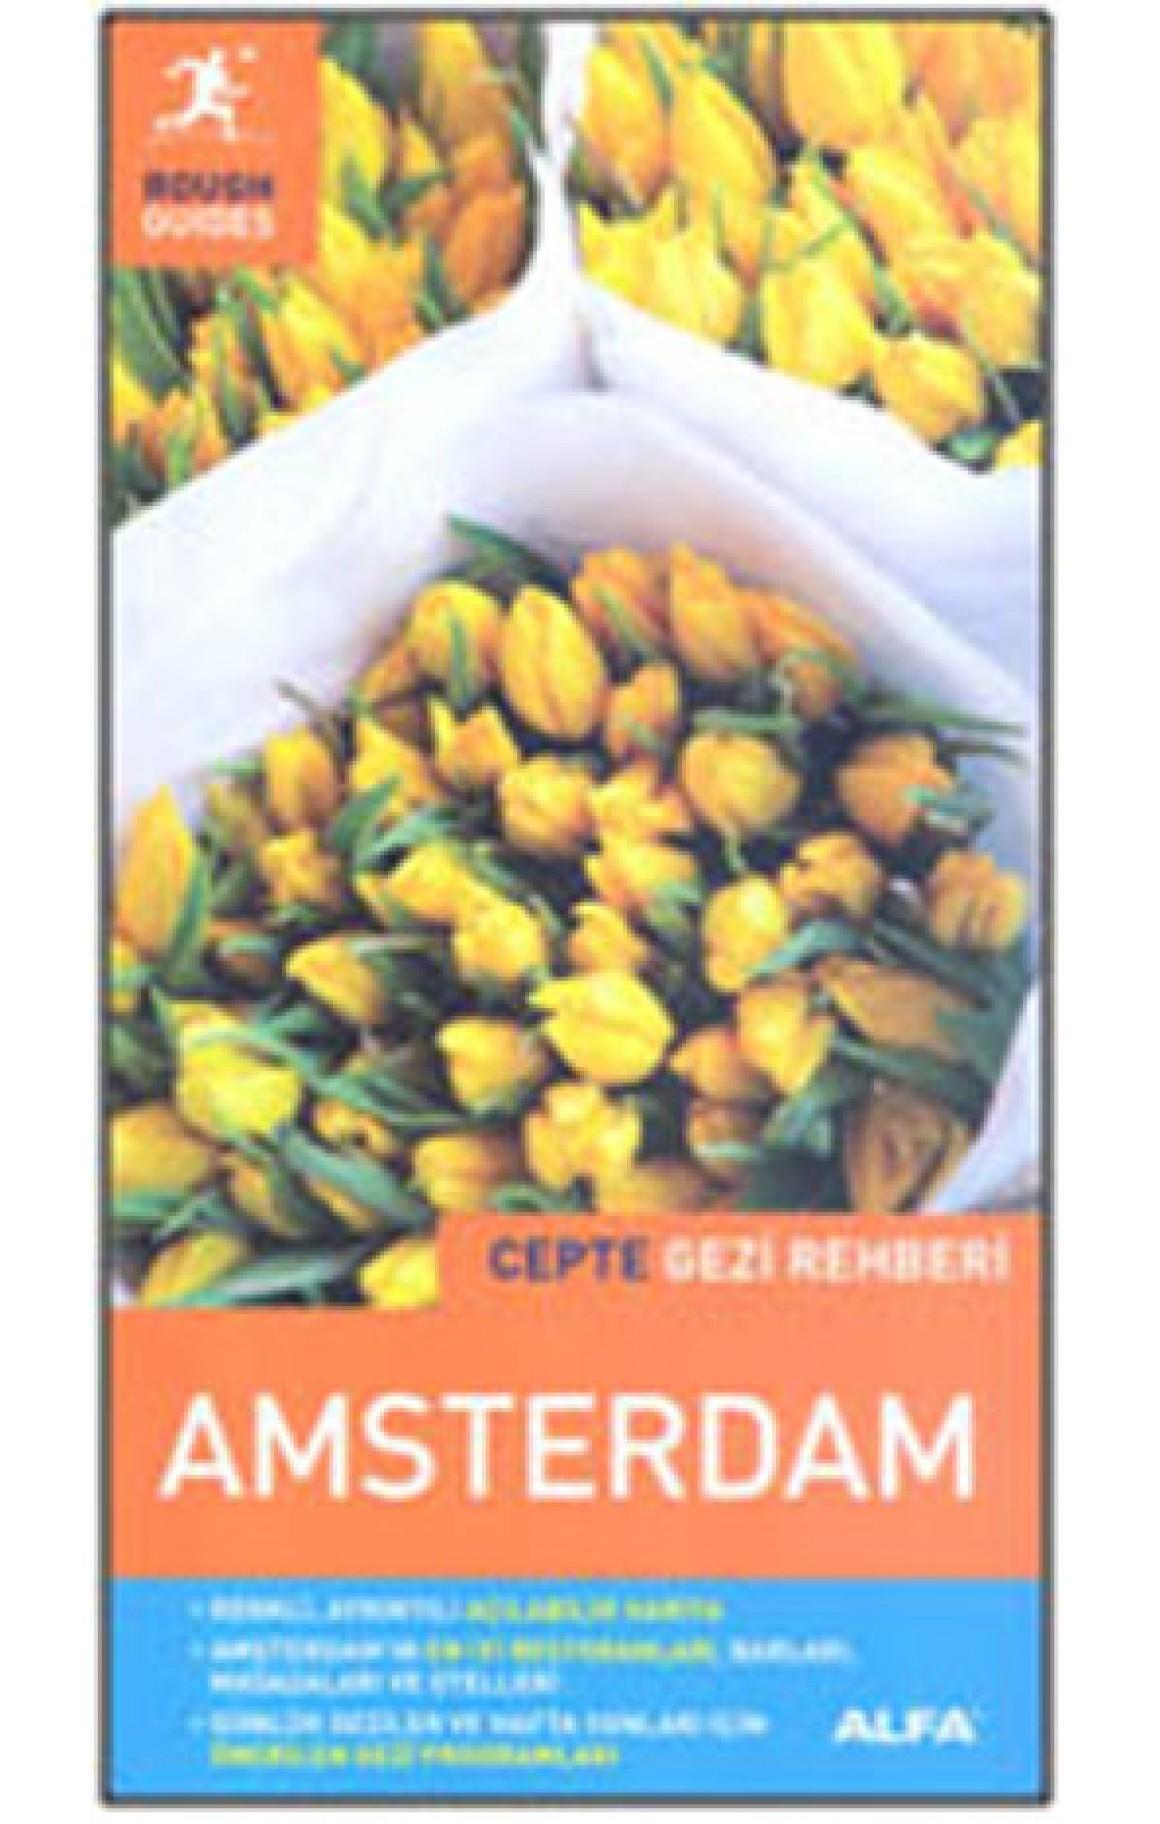 Amsterdam - Cepte Gezi Rehberi